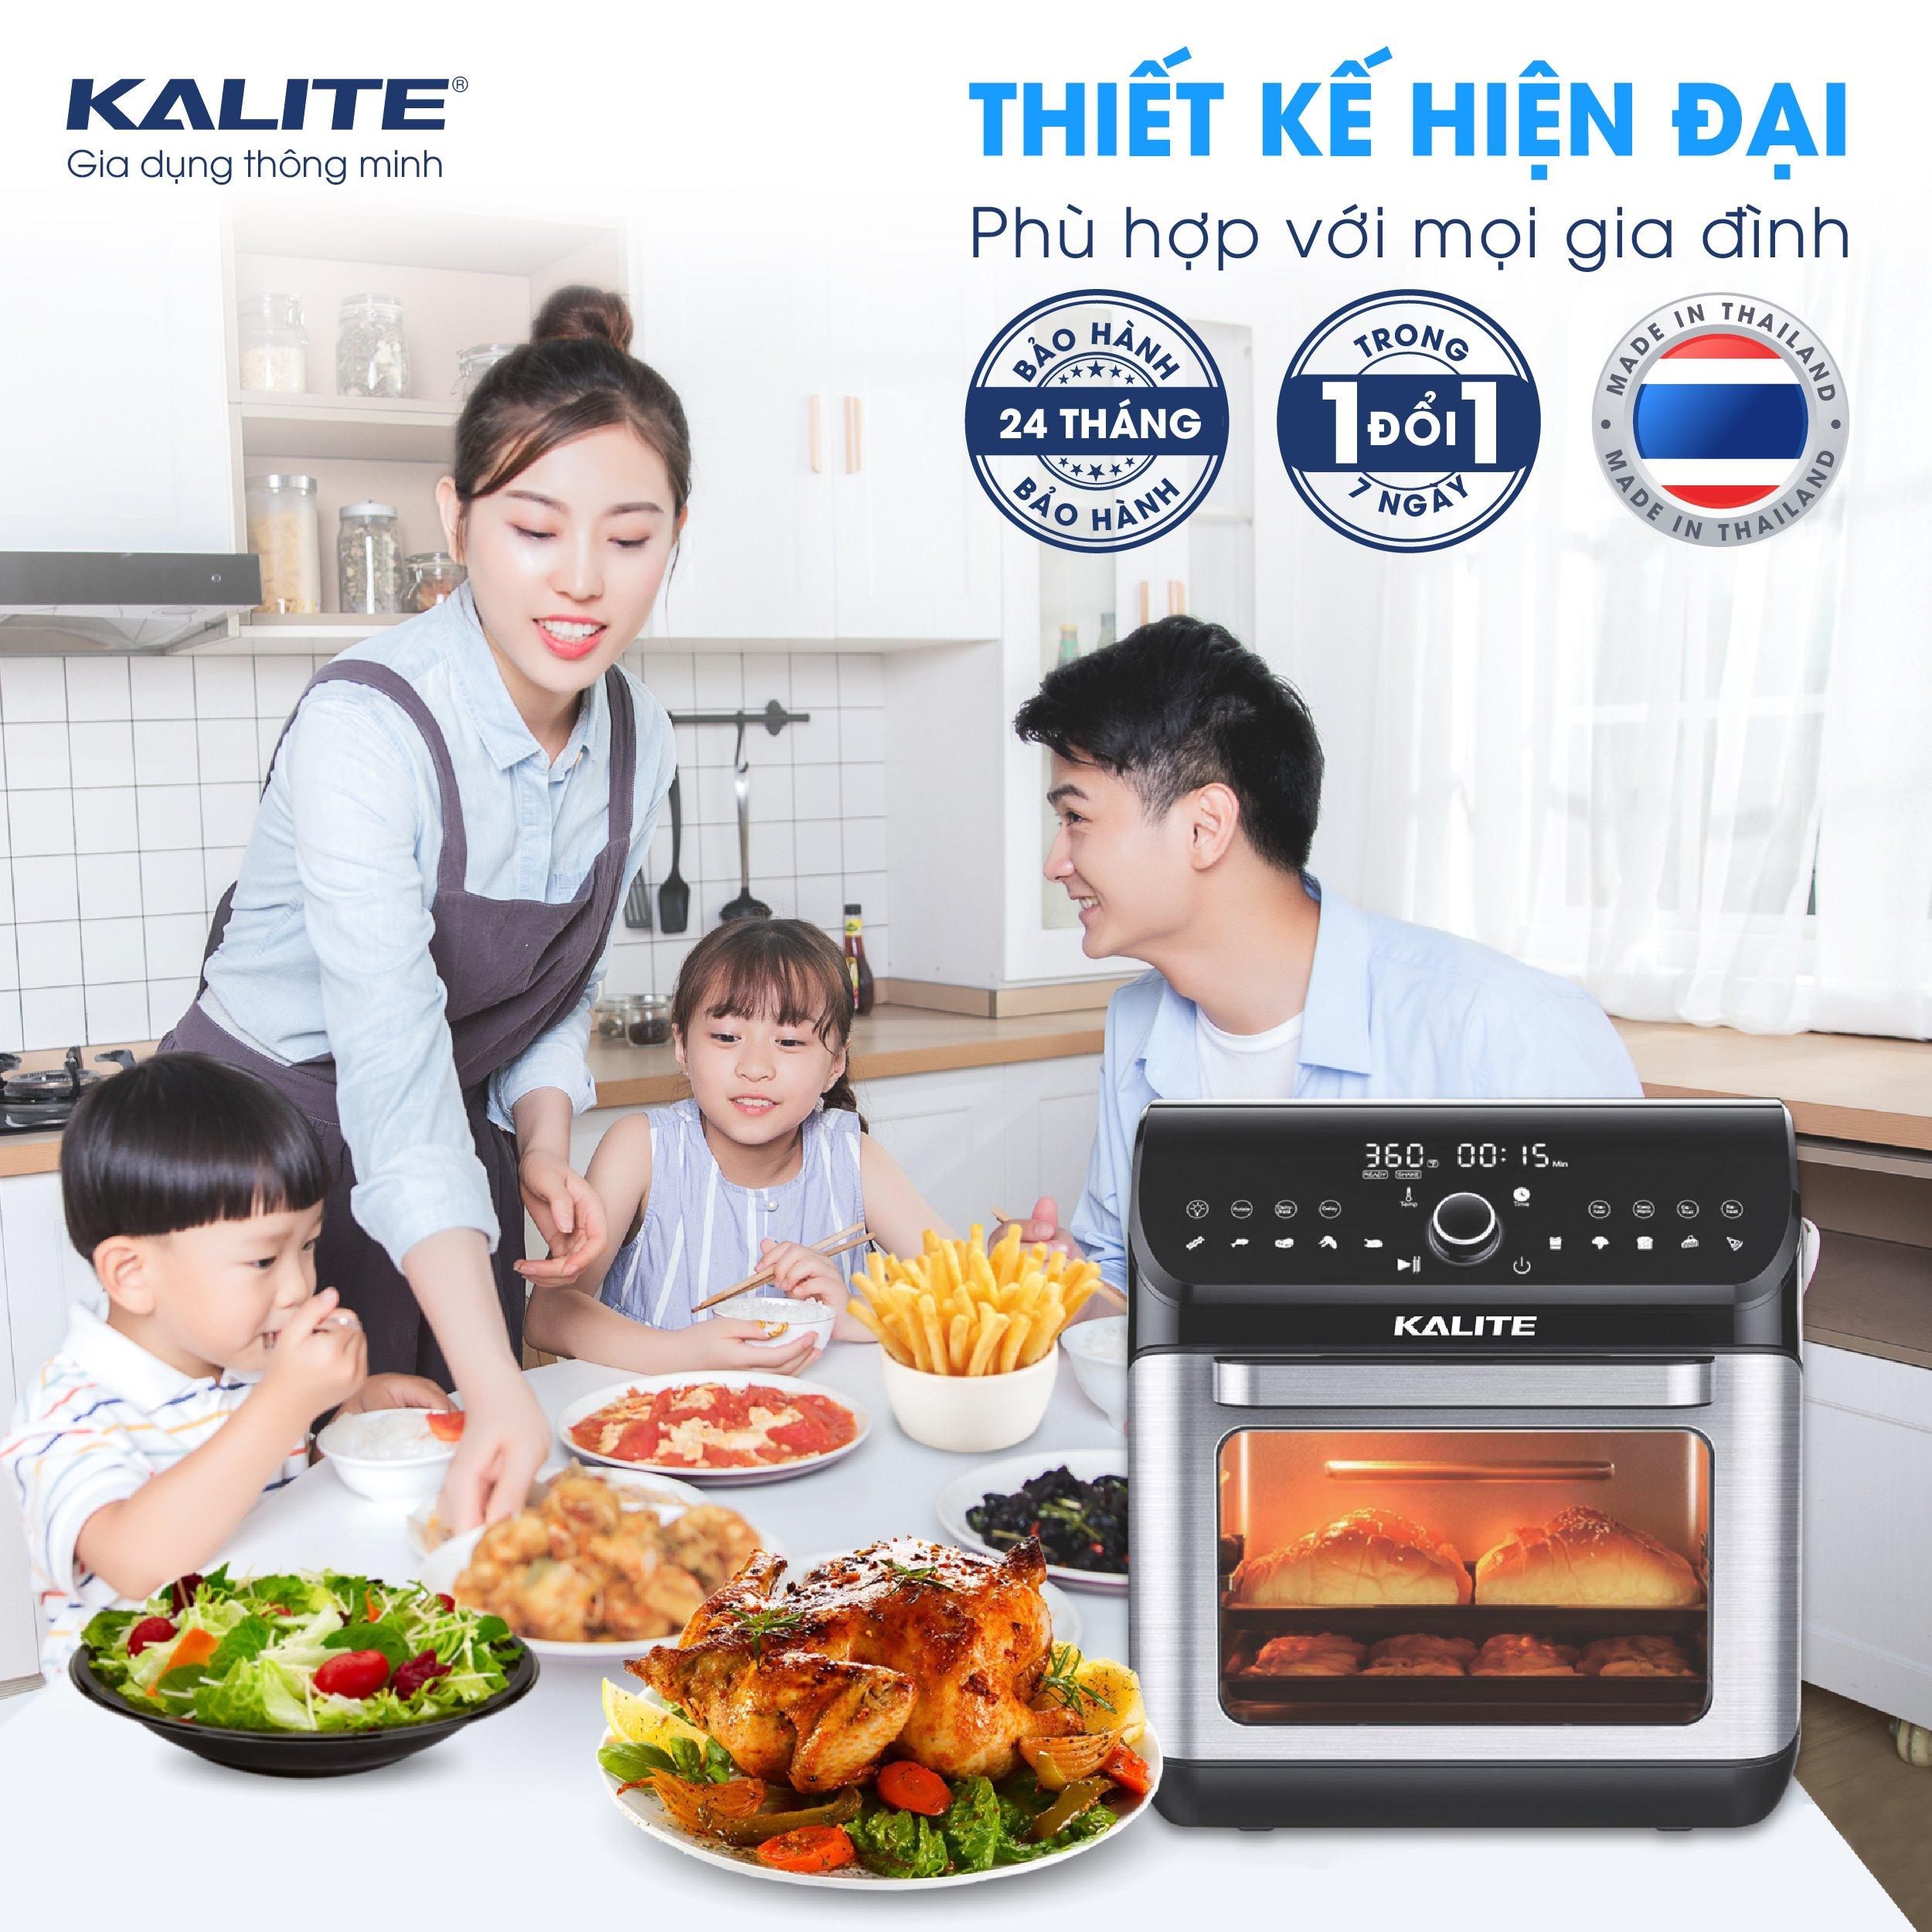 noi-chien-khong-dau-kalite-q12-new-6